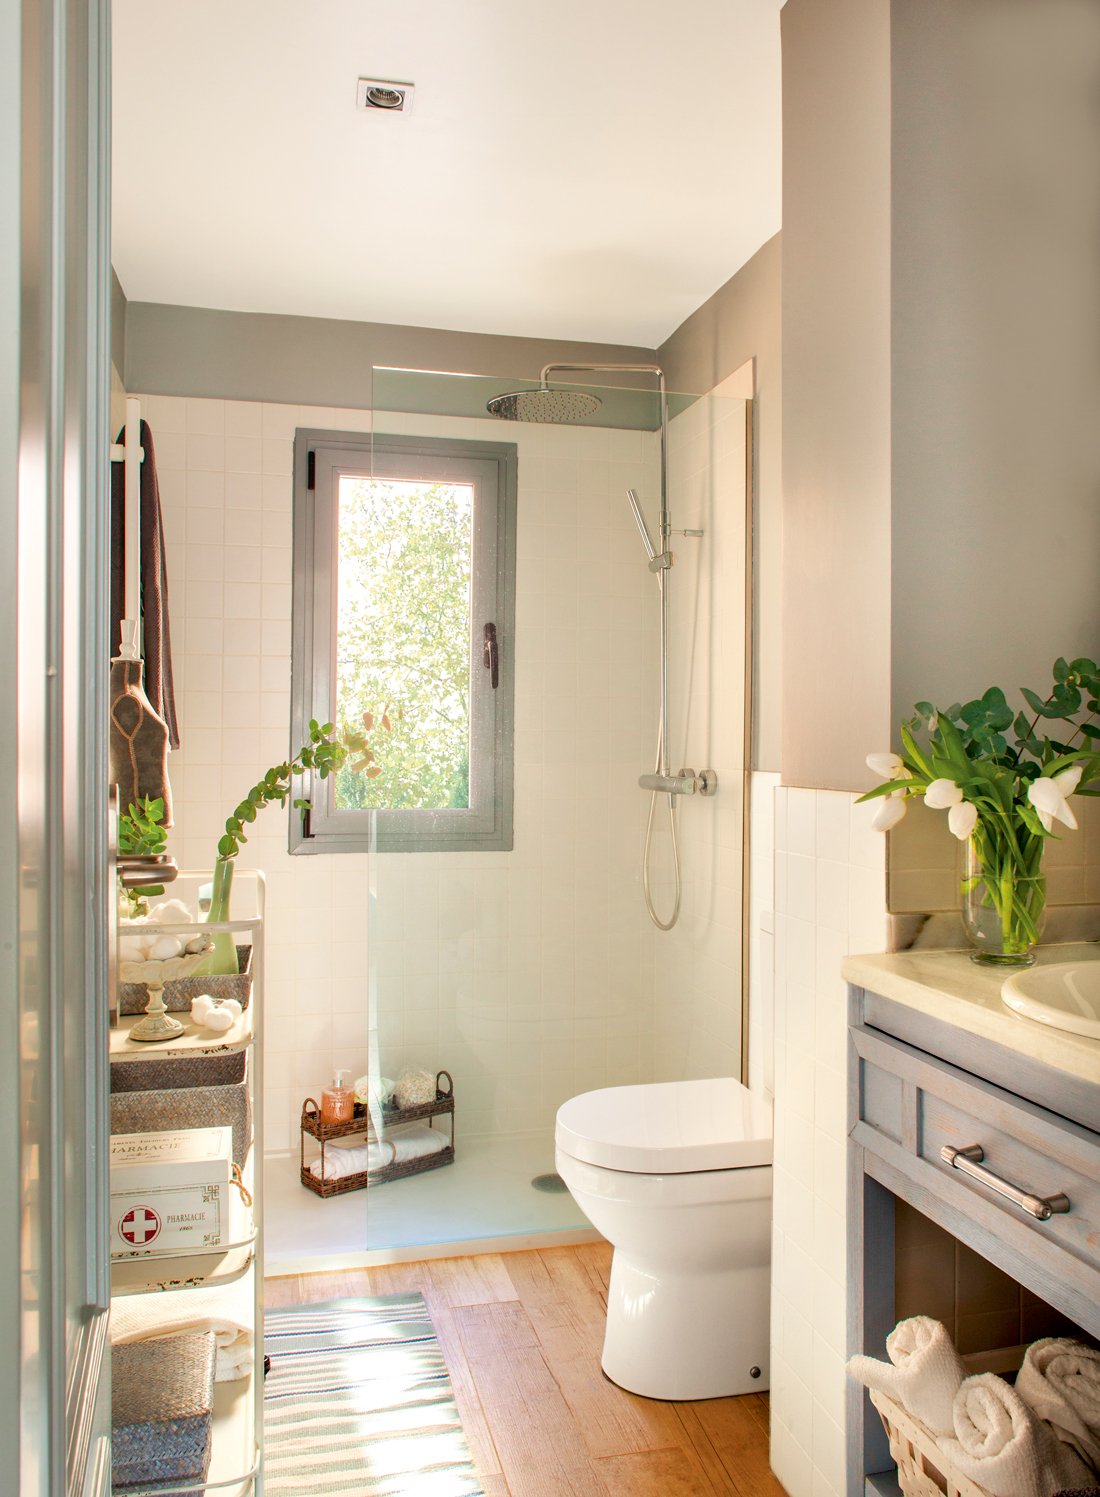 Renueva tu cocina y tu ba o sin grandes obras - Quitar azulejos cocina ...